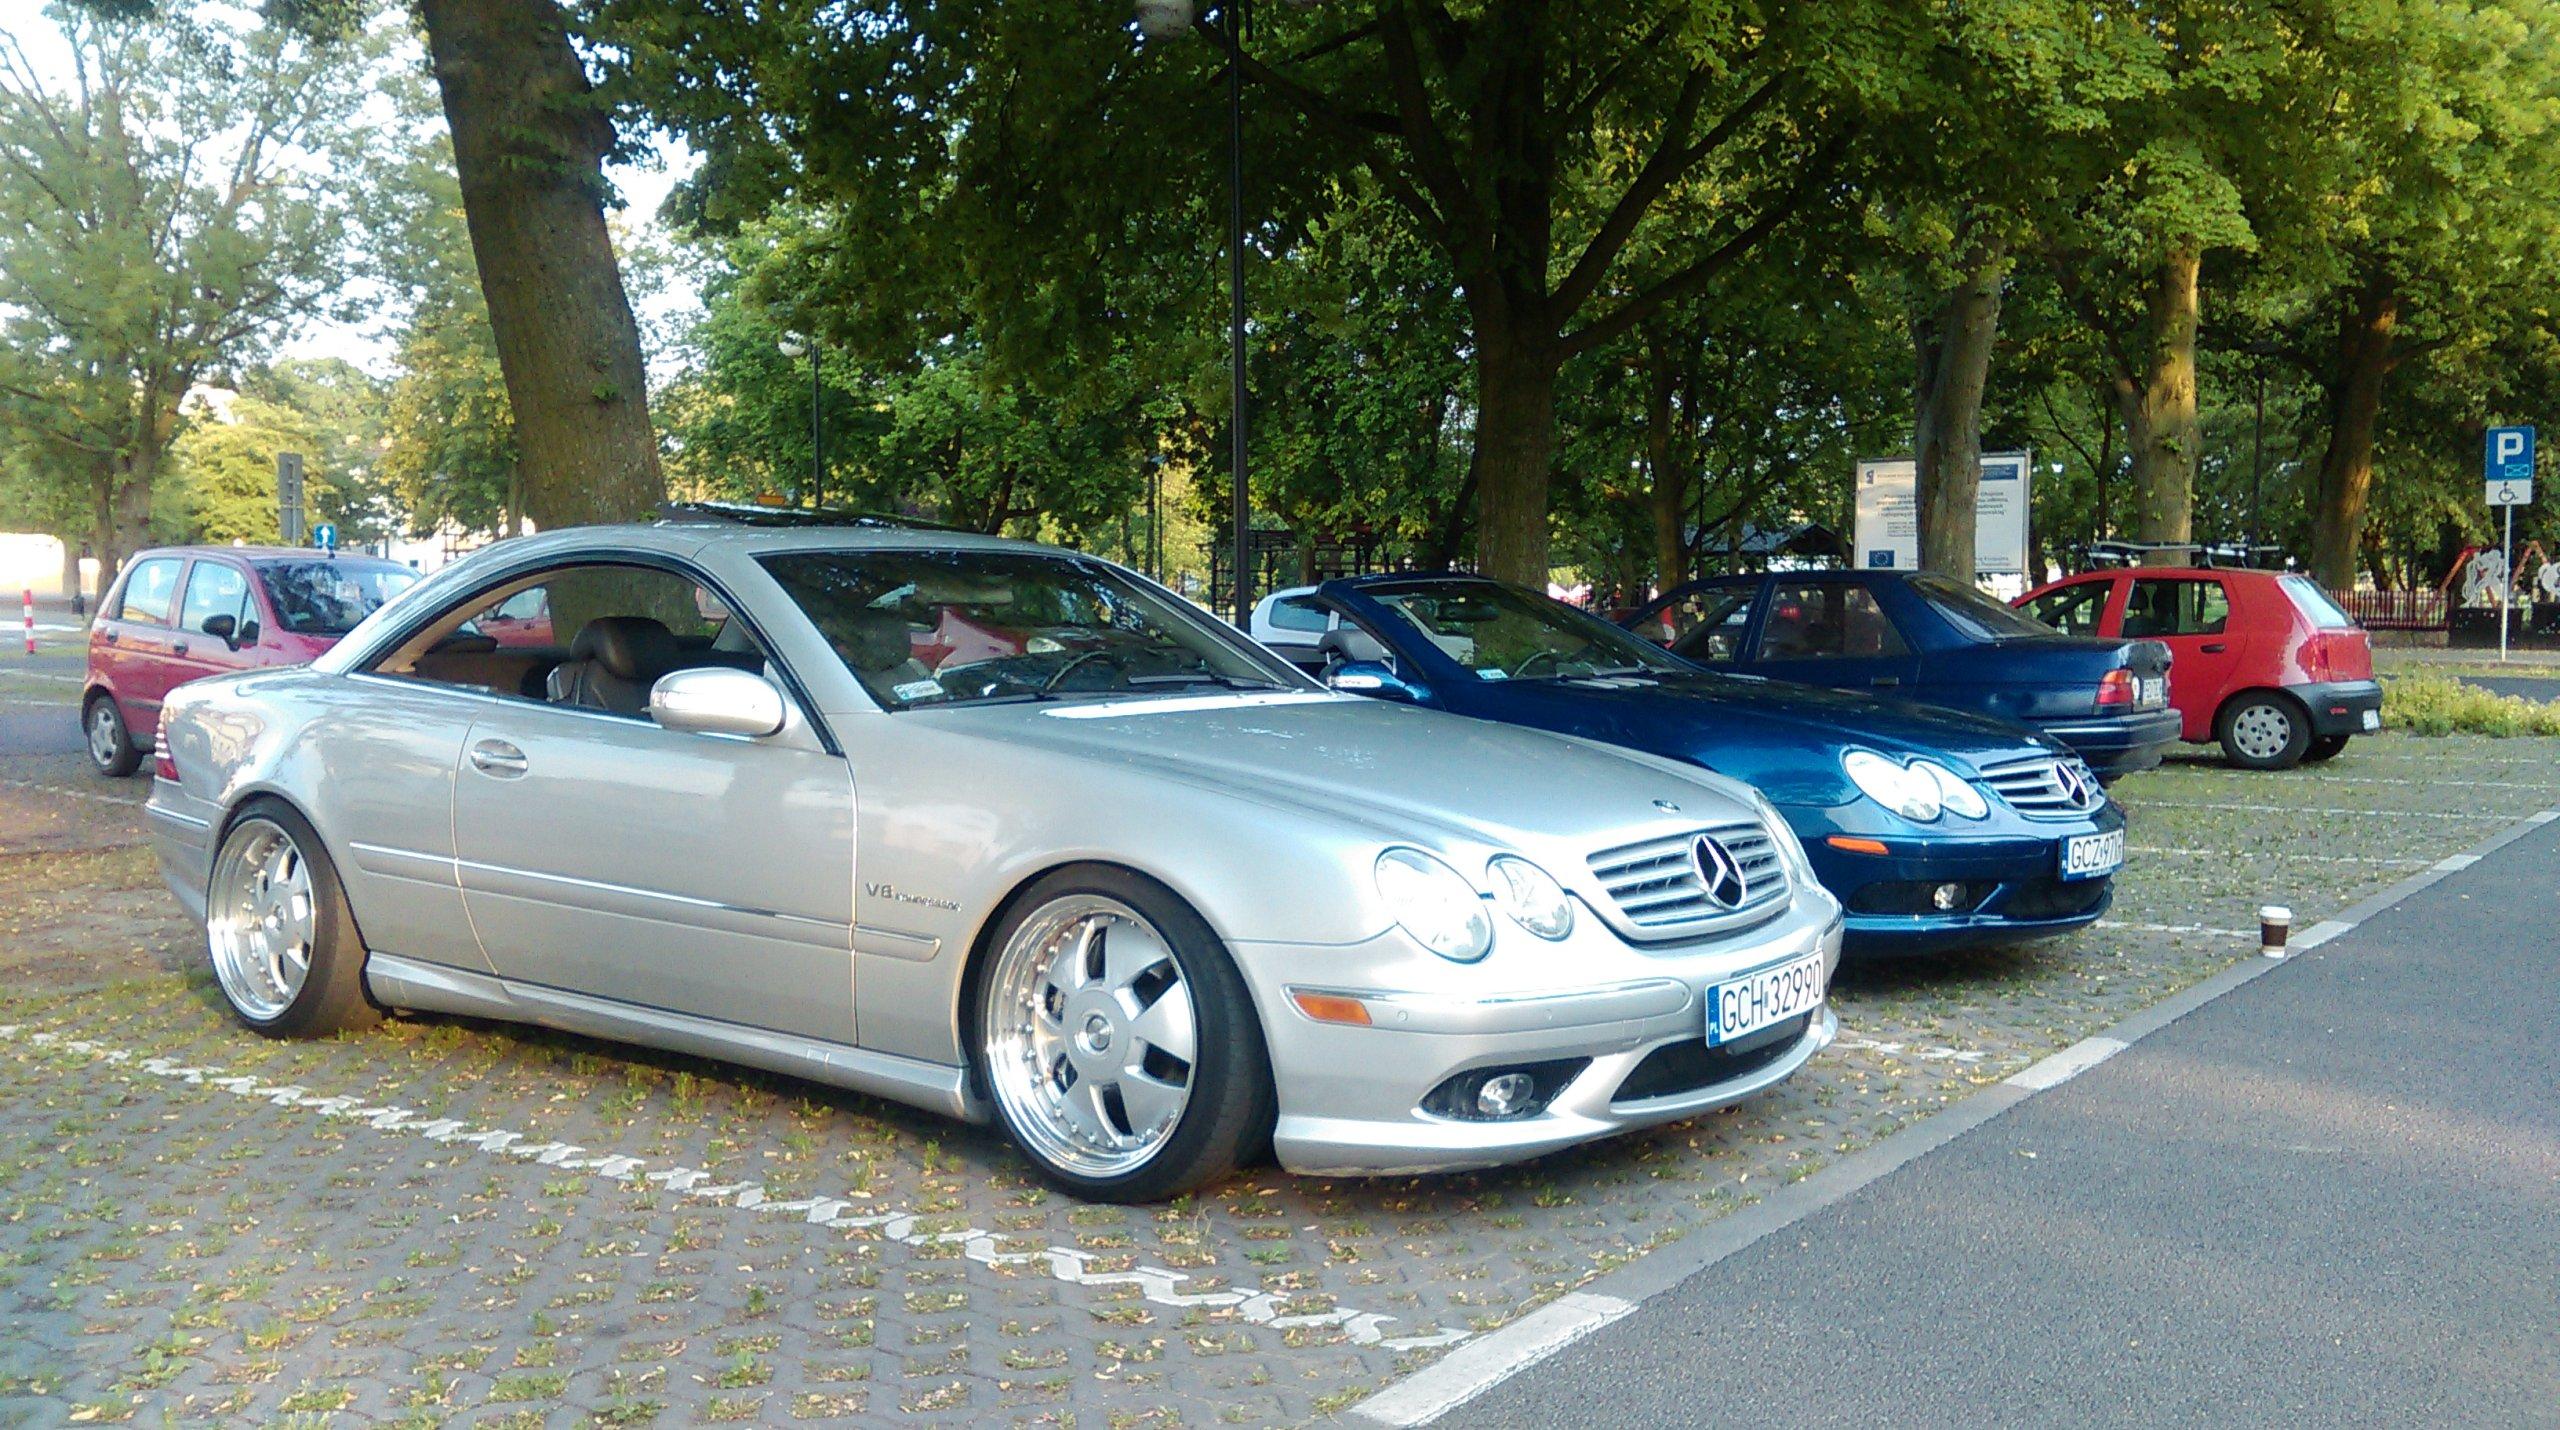 Mercedes Benz CL55 AMG 500KM PILNA SPRZEDAZ